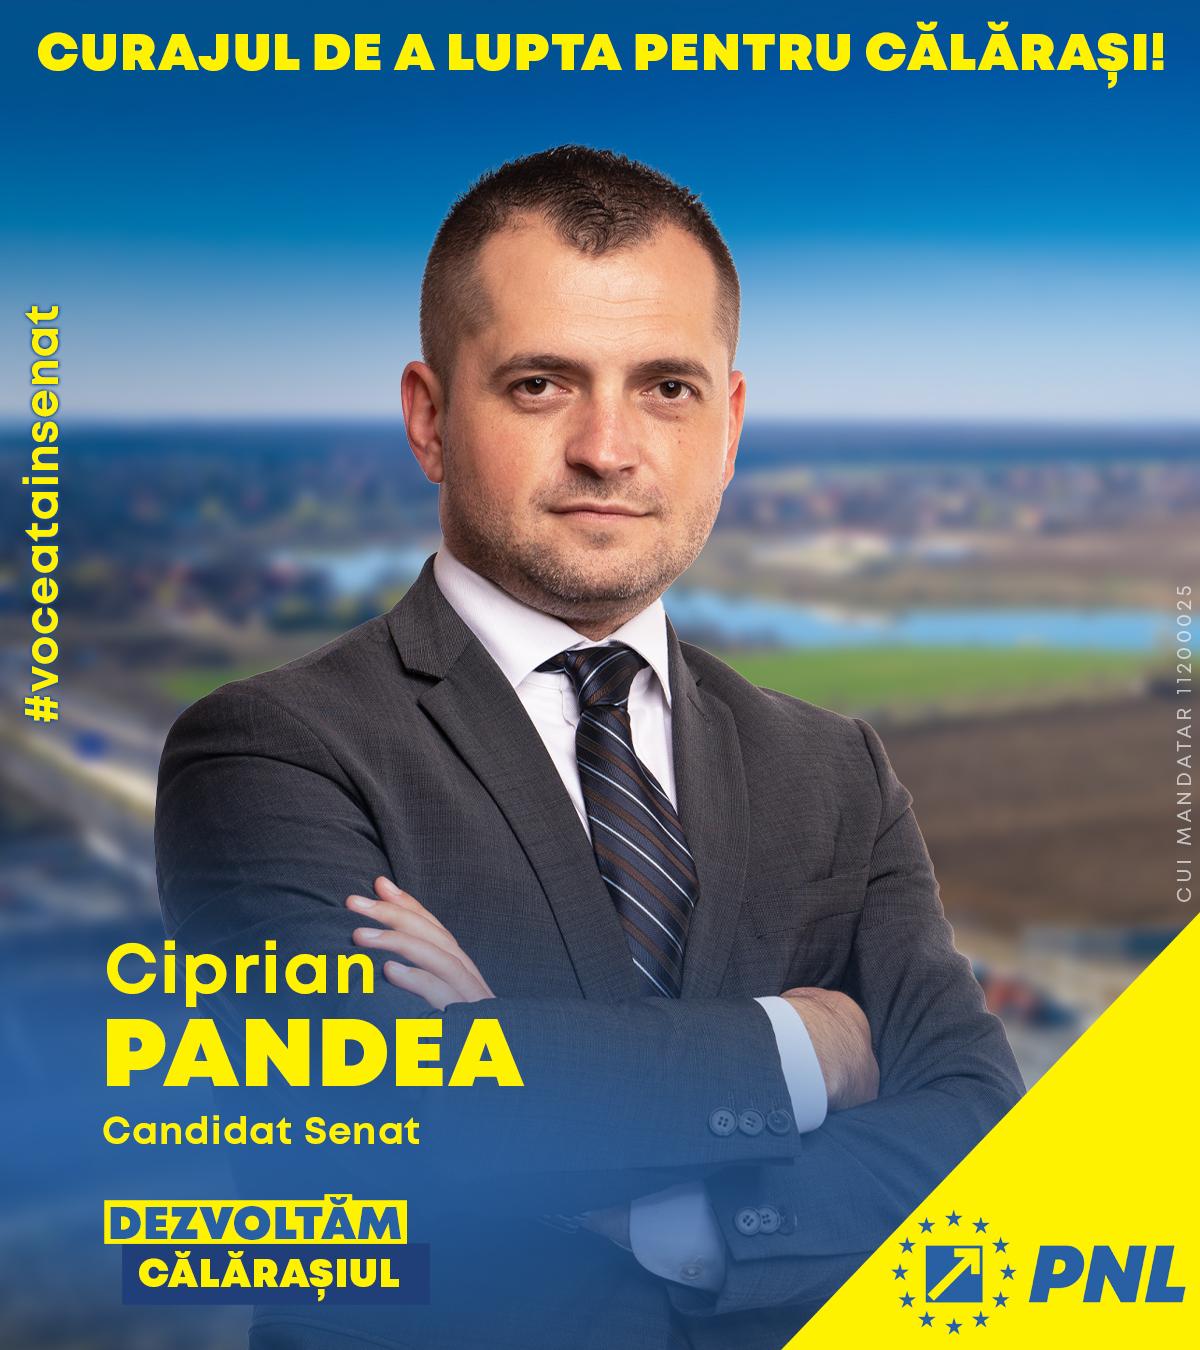 """Ciprian Pandea, candidat PNL pentru Senatul României: """"Faptele sunt de partea mea"""""""